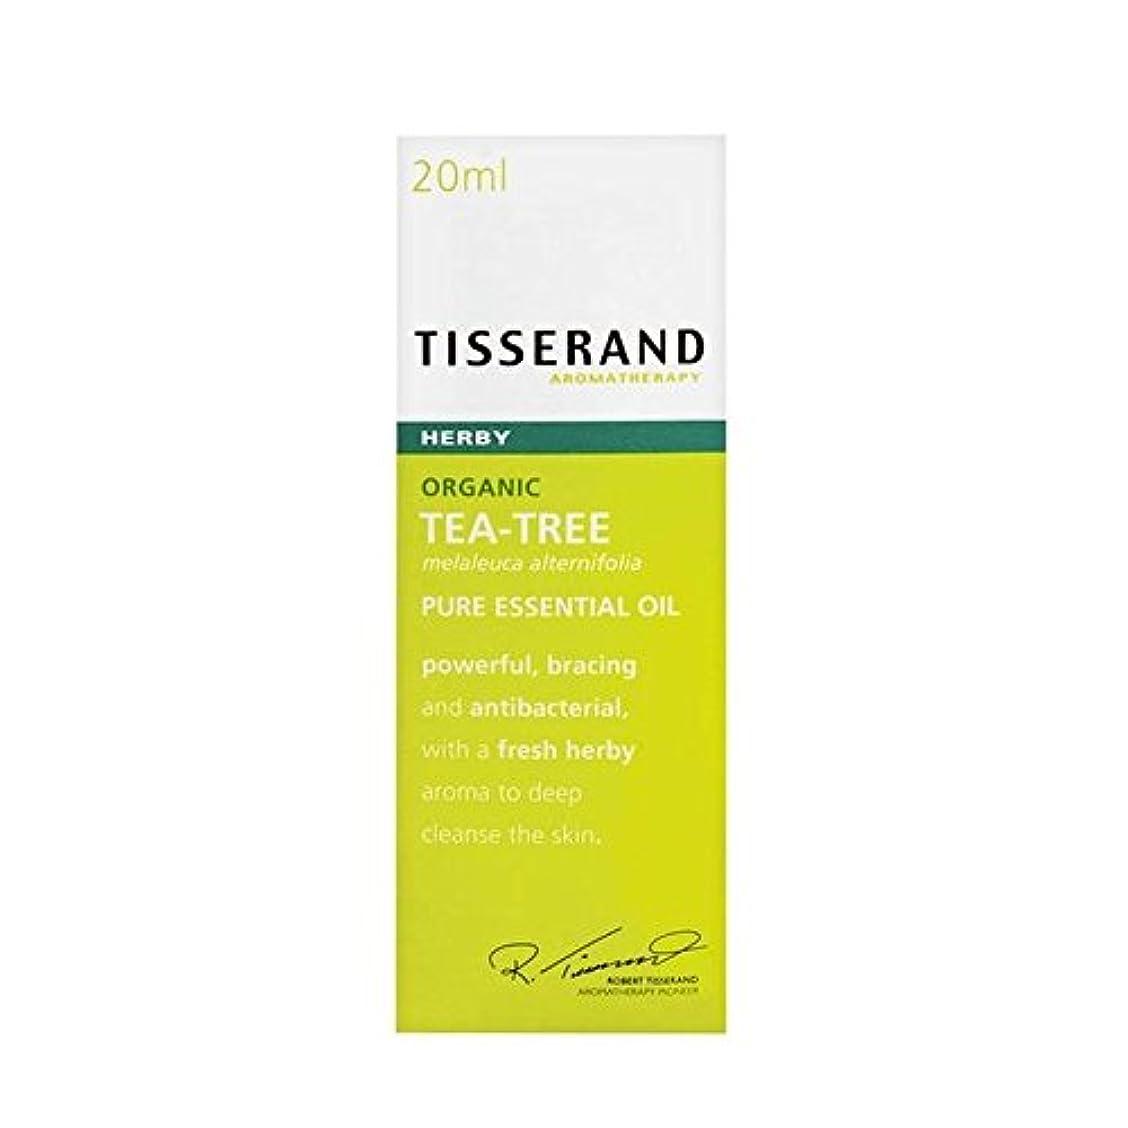 旅行者横たわる政治ティスランドティーツリーオーガニックピュアエッセンシャルオイル20ミリリットル x4 - Tisserand Tea Tree Organic Pure Essential Oil 20ml (Pack of 4) [並行輸入品]